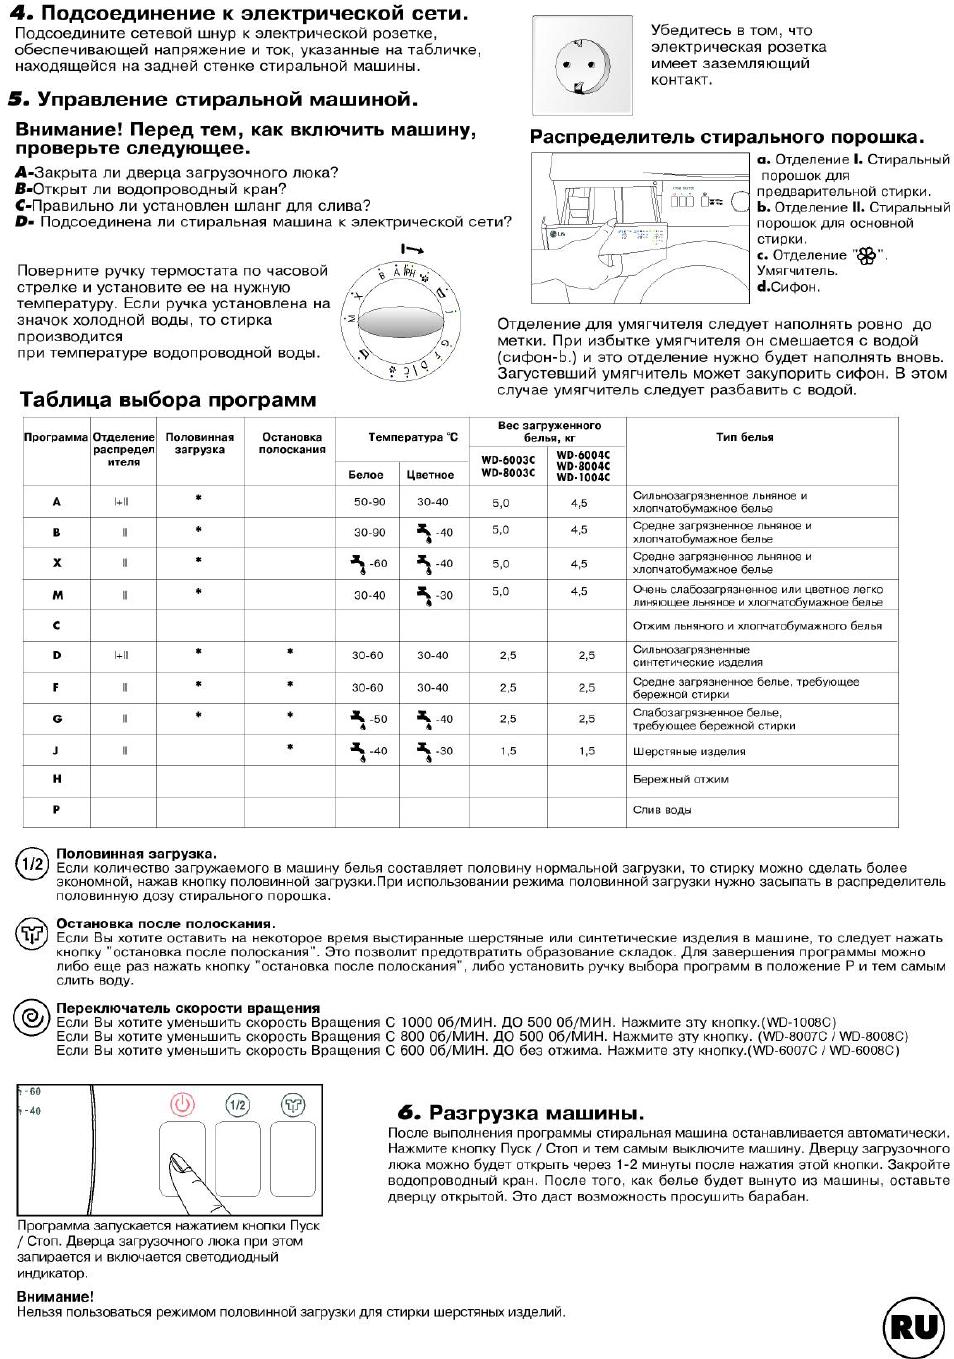 инструкция для стиральной машинки lg wd 8004c